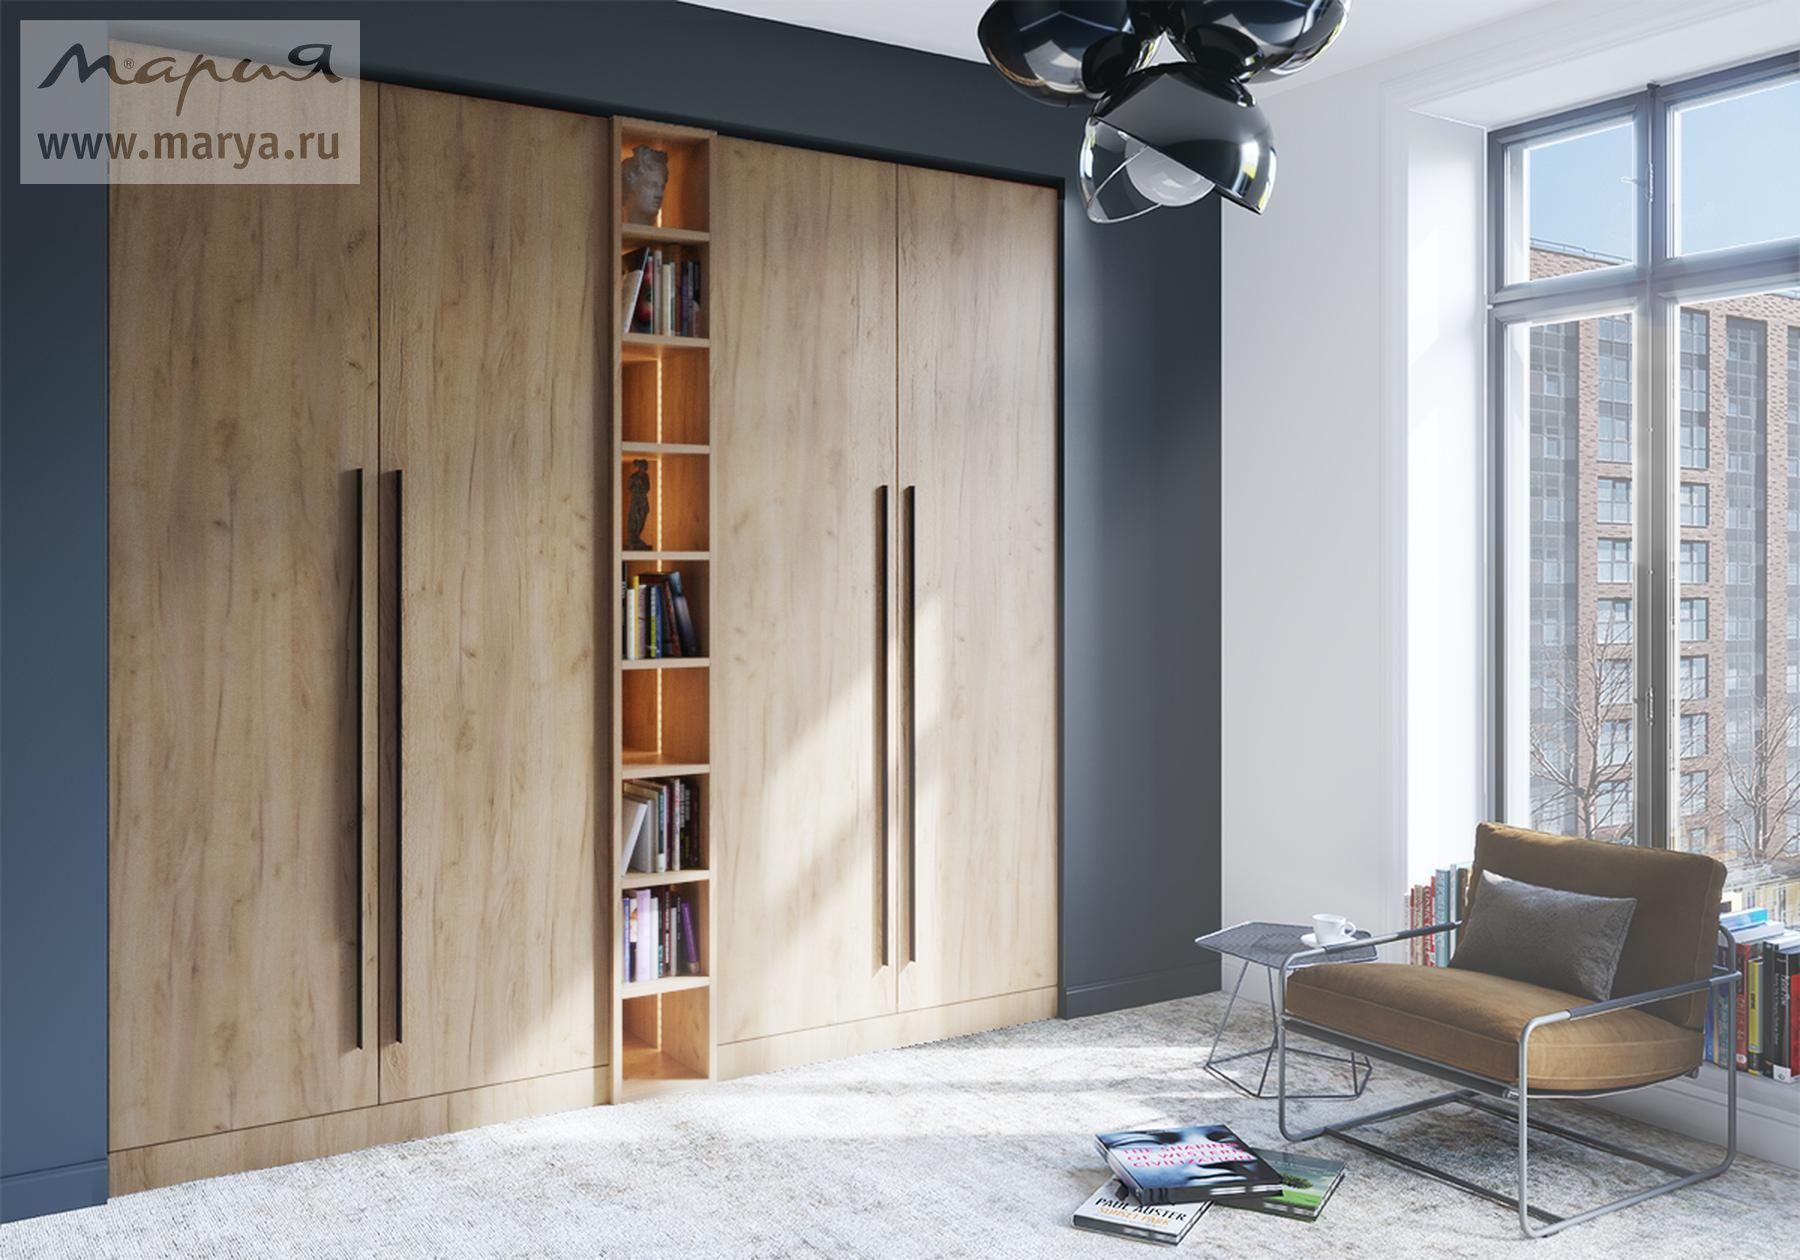 Фабрика обновила коллекцию распашных шкафов «Мария»